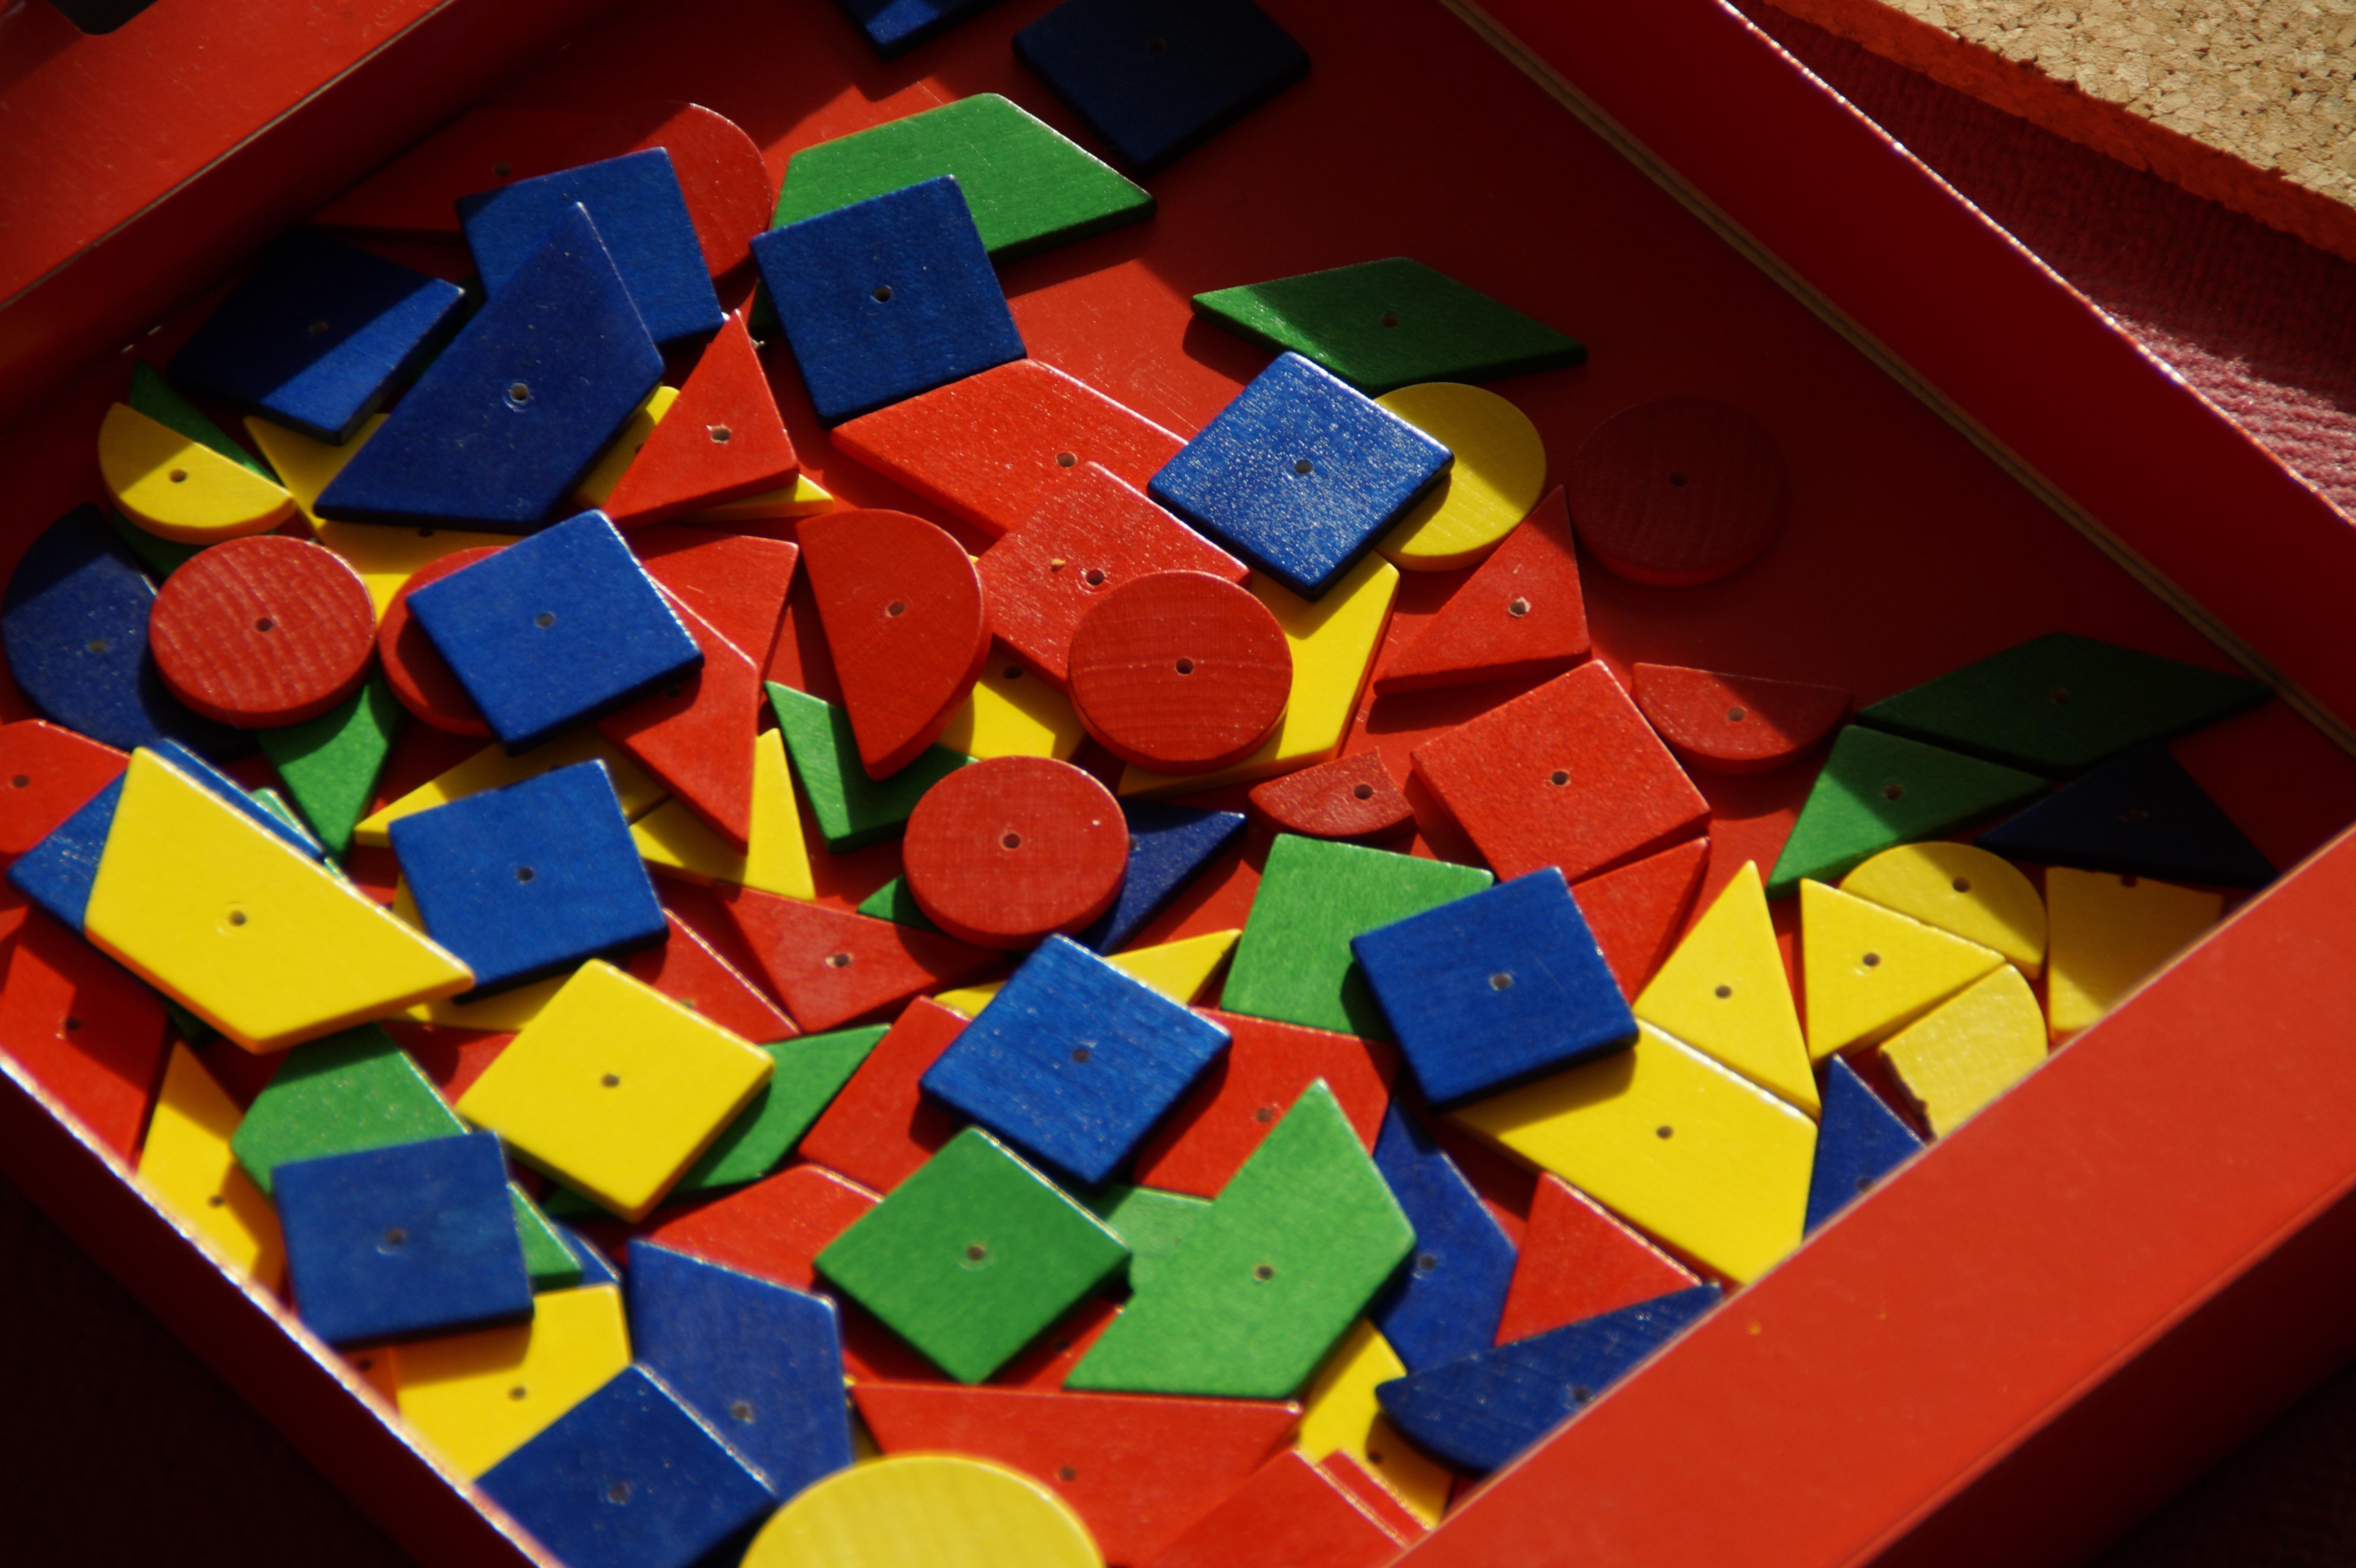 fotos gratis jugar nmero rojo martillo color nio azul vistoso juguete art tablones jardn de infancia construir juegos forma juguetes